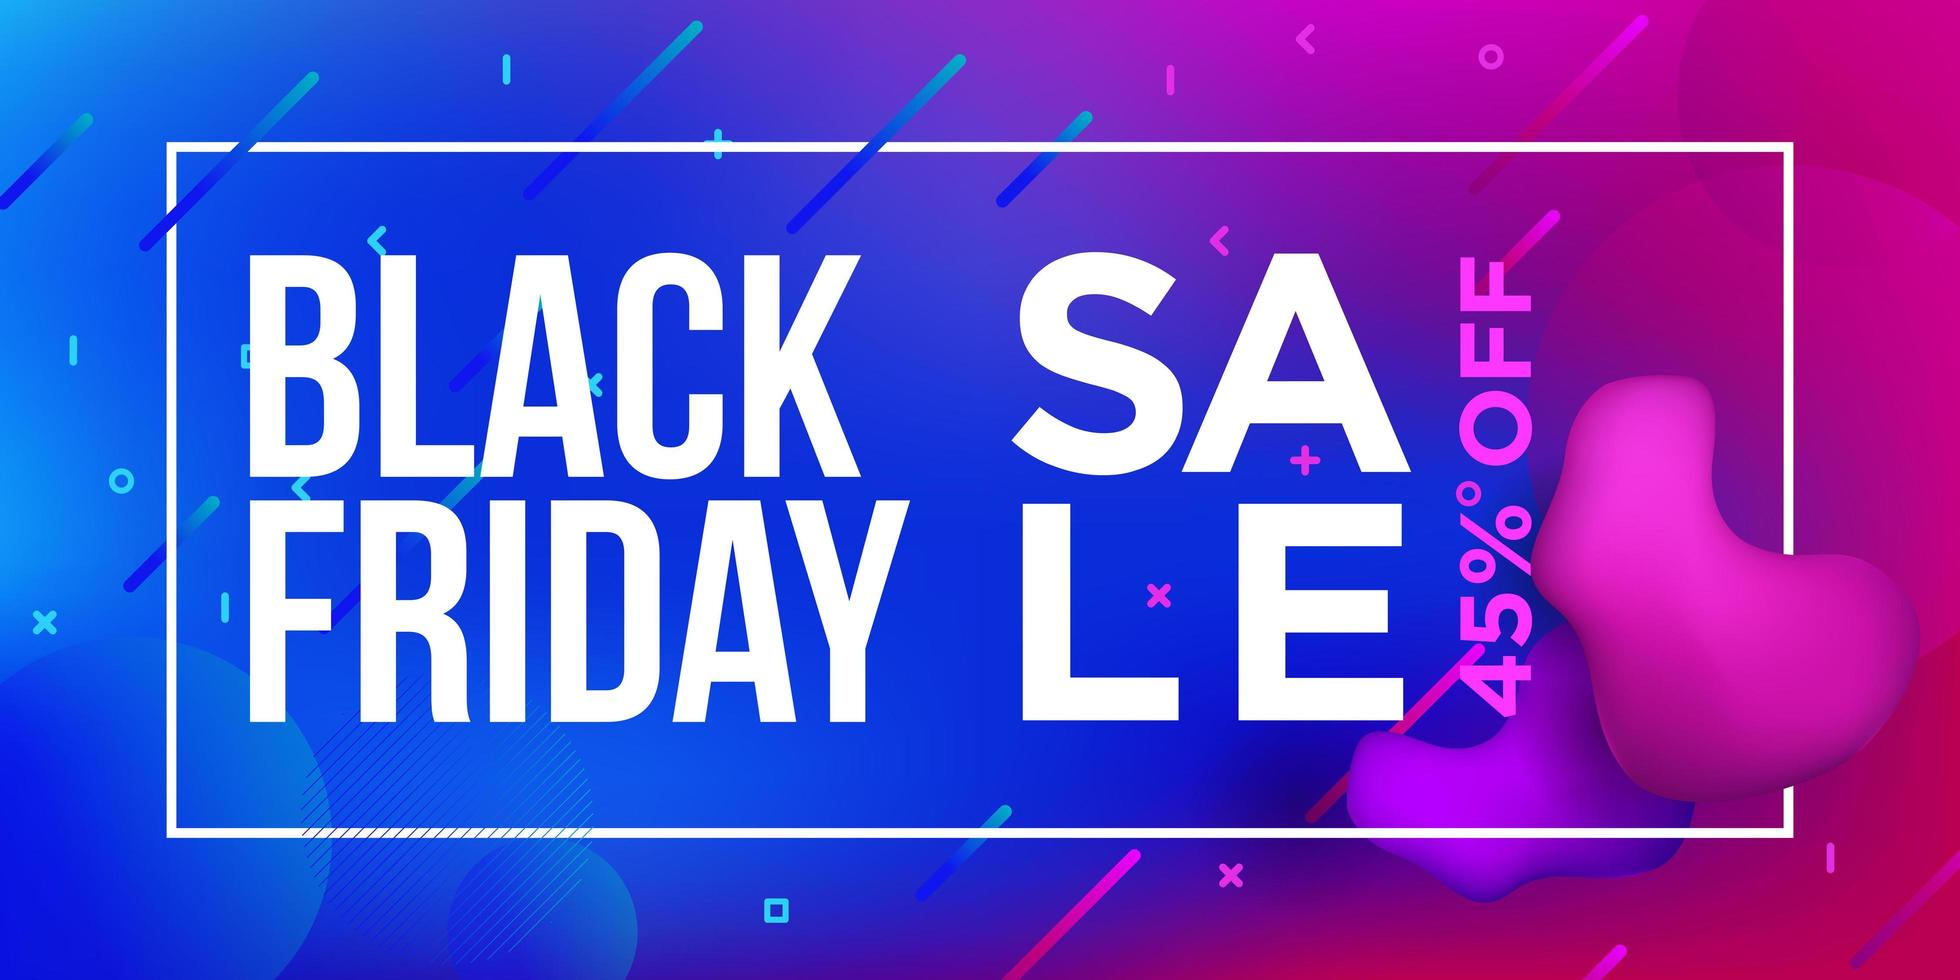 schwarzer Freitag Verkauf Gradient Banner Design vektor